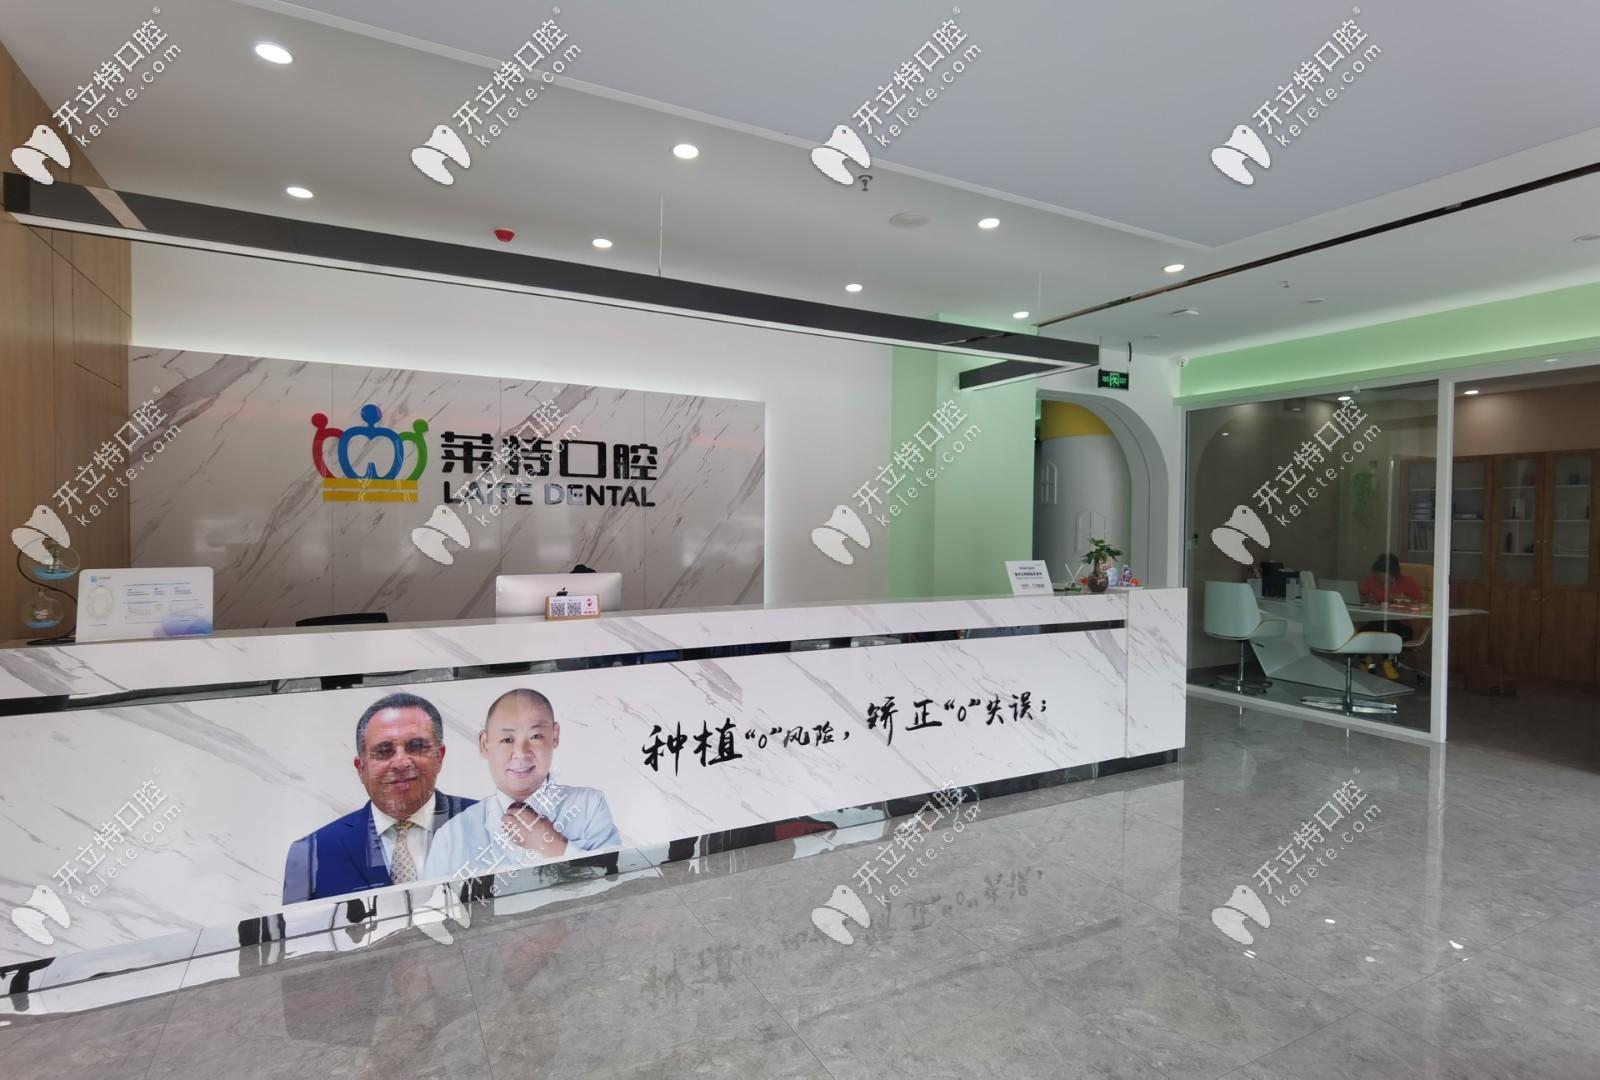 晋中莱特口腔诊所